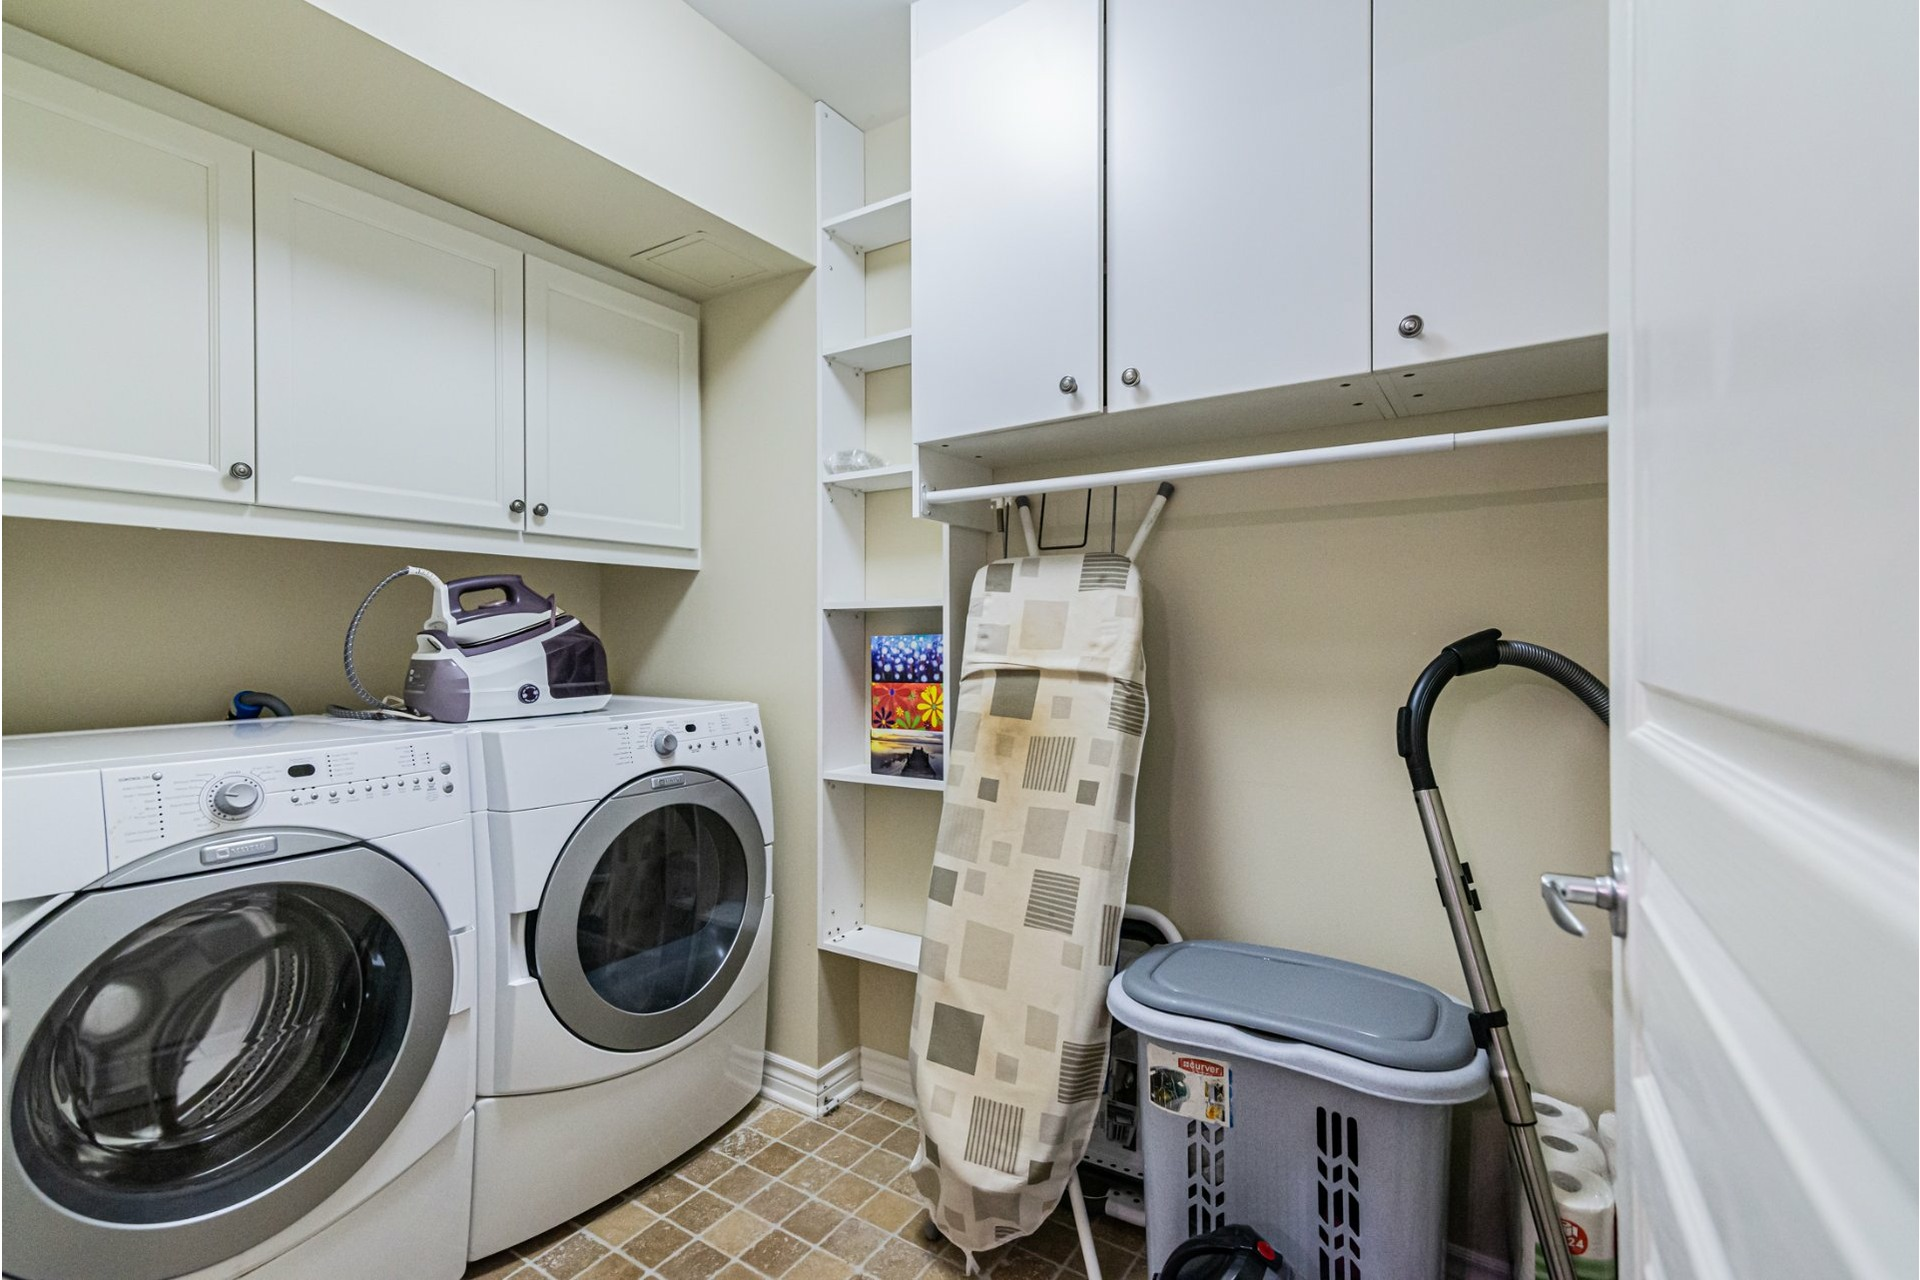 image 16 - Maison À vendre Côte-des-Neiges/Notre-Dame-de-Grâce Montréal  - 11 pièces